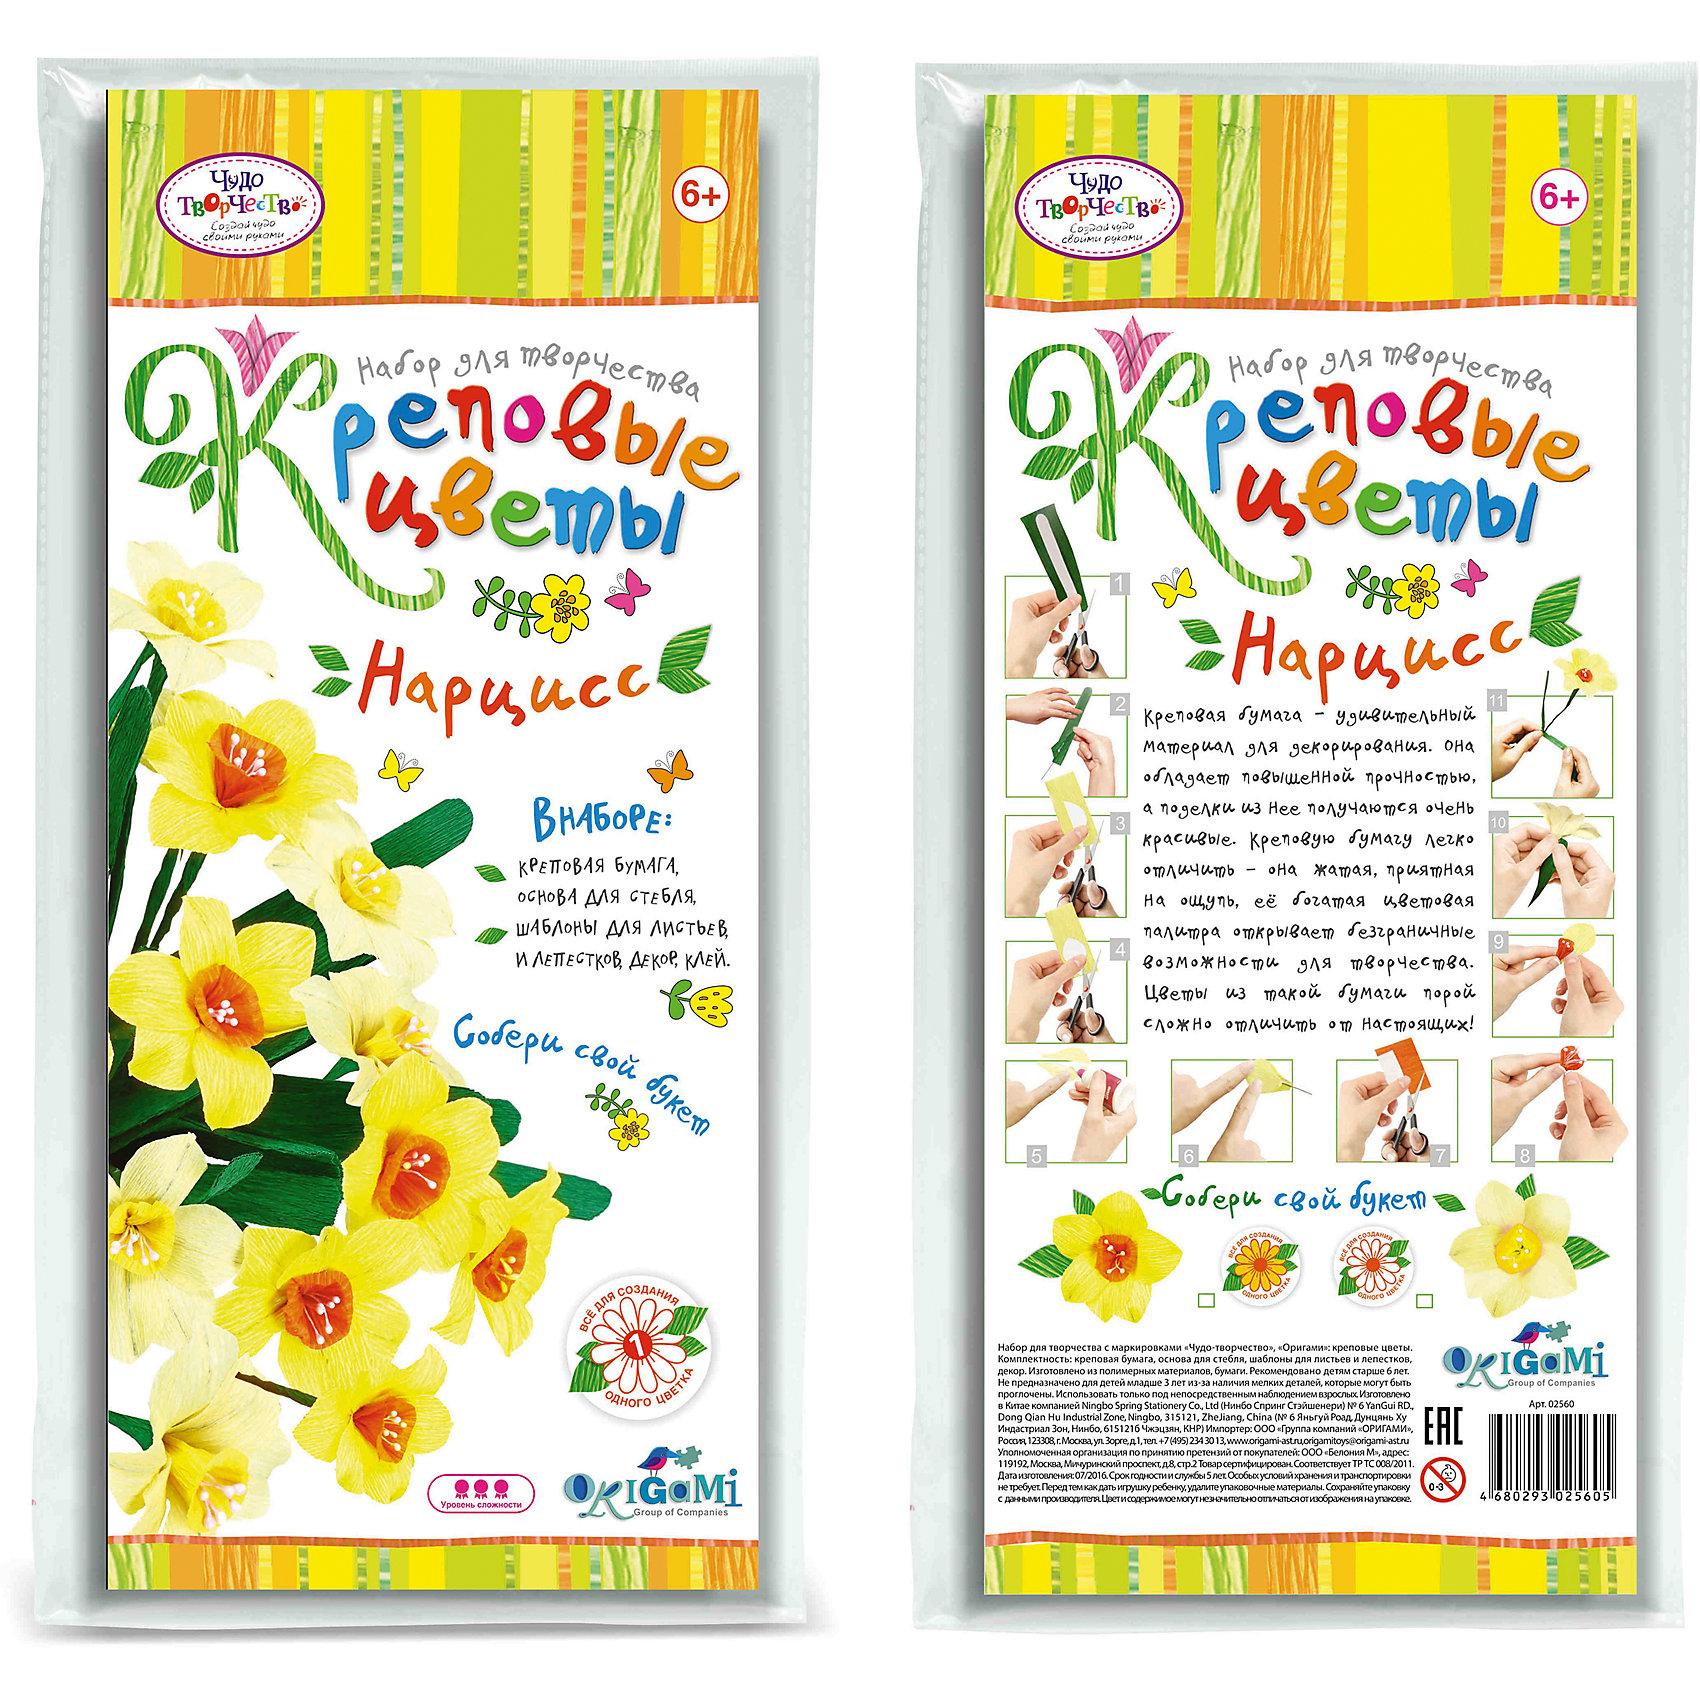 Креповые цветы своими руками Нарцисc 2 цвета в ассортиментеРукоделие<br>Креповая бумага – удивительный материал для декорирования. Она обладает повышенной прочностью, а поделки из нее получаются очень красивые. Креповую бумагу легко отличить - она жатая, приятная на ощупь, ее богатая цветовая палитра открывает безграничные возможности для творчества. Цветы из такой бумаги порой сложно отличить от настоящих! В наборе все для создания 1 цветка. Собери свой букет! Рекомендуемый возраст: 6+<br><br>Ширина мм: 150<br>Глубина мм: 20<br>Высота мм: 350<br>Вес г: 70<br>Возраст от месяцев: 72<br>Возраст до месяцев: 108<br>Пол: Женский<br>Возраст: Детский<br>SKU: 5165798